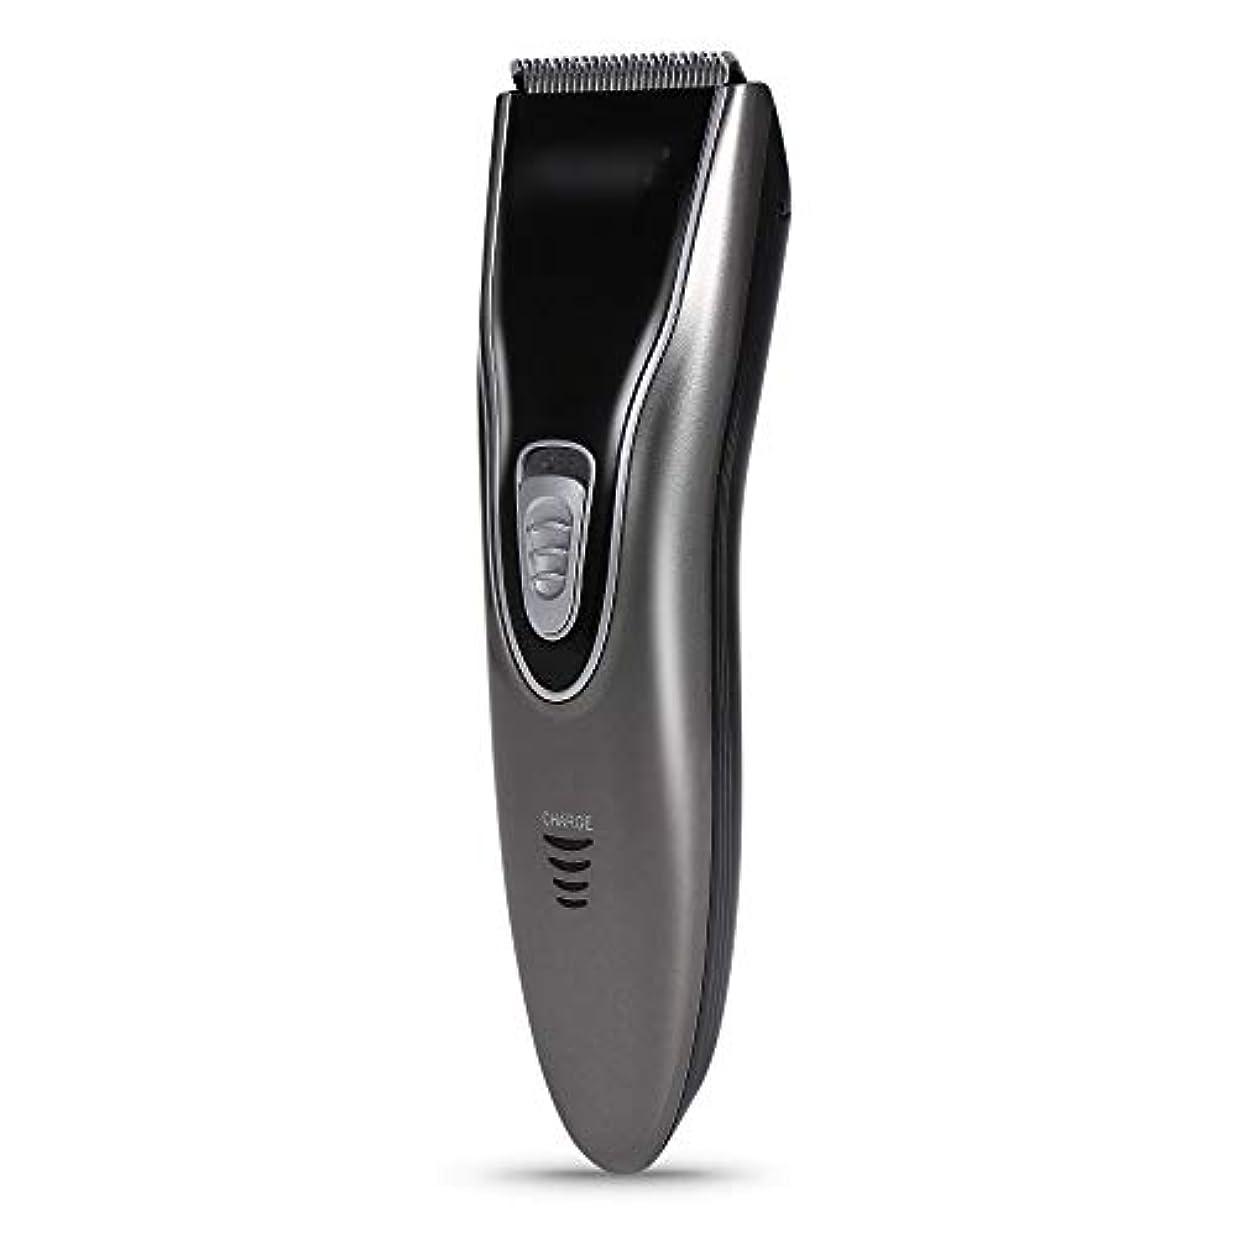 愛されし者一貫した正規化WAKABAFK 充電式バリカン電気かみそりバリカンかみそりシェーバーヘアトリマー散髪機散髪